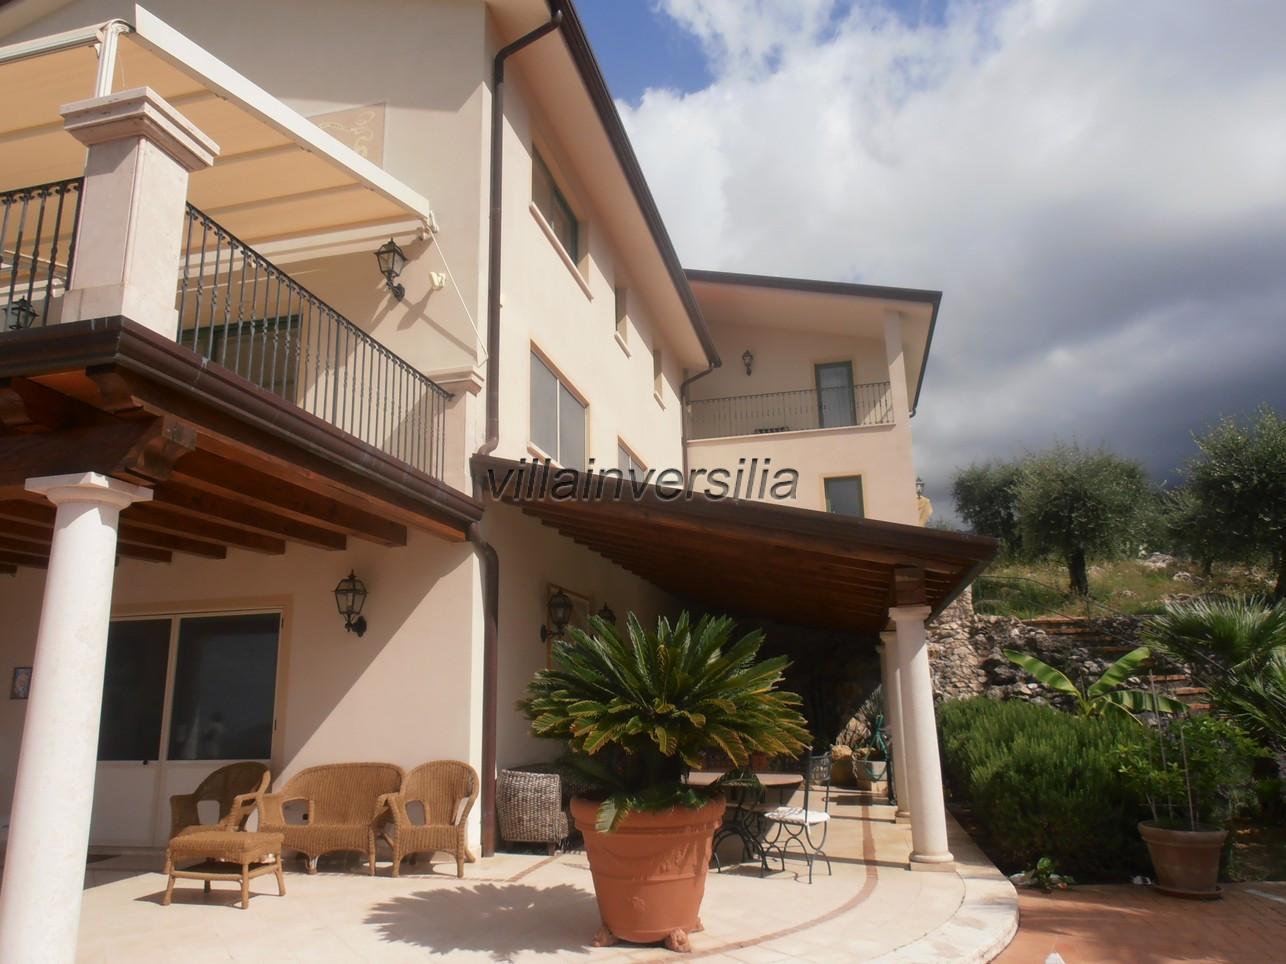 Foto 12/21 per rif. V 322021 villa piscina Versilia